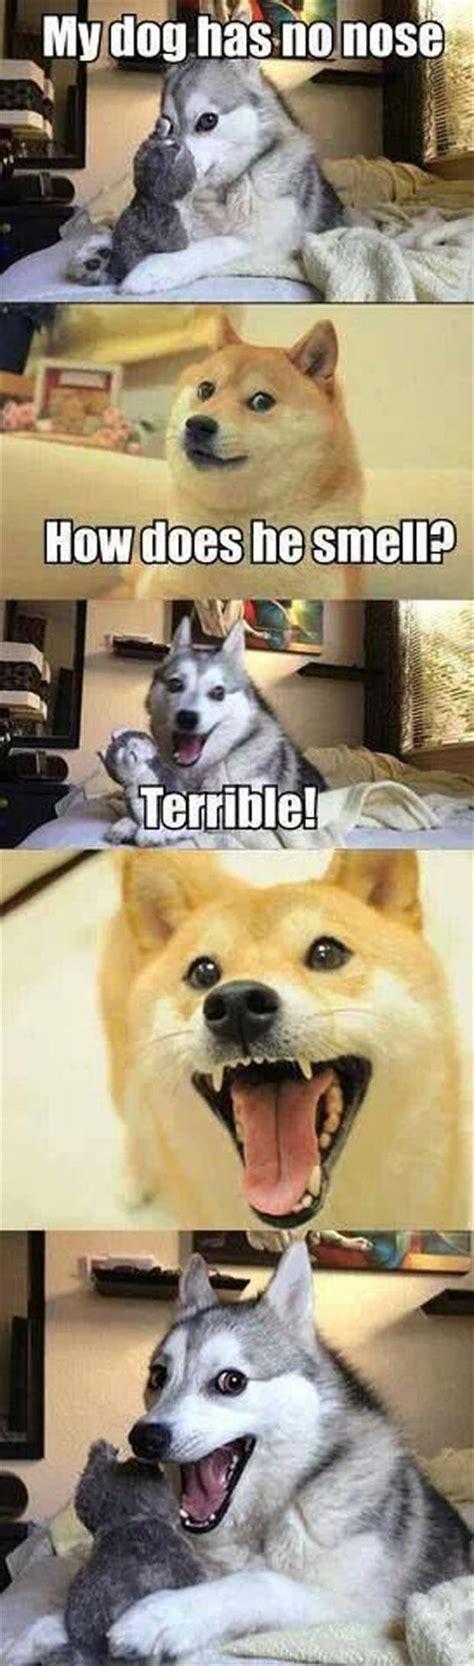 Dog Jokes Meme - funny dog joke meme dump a day